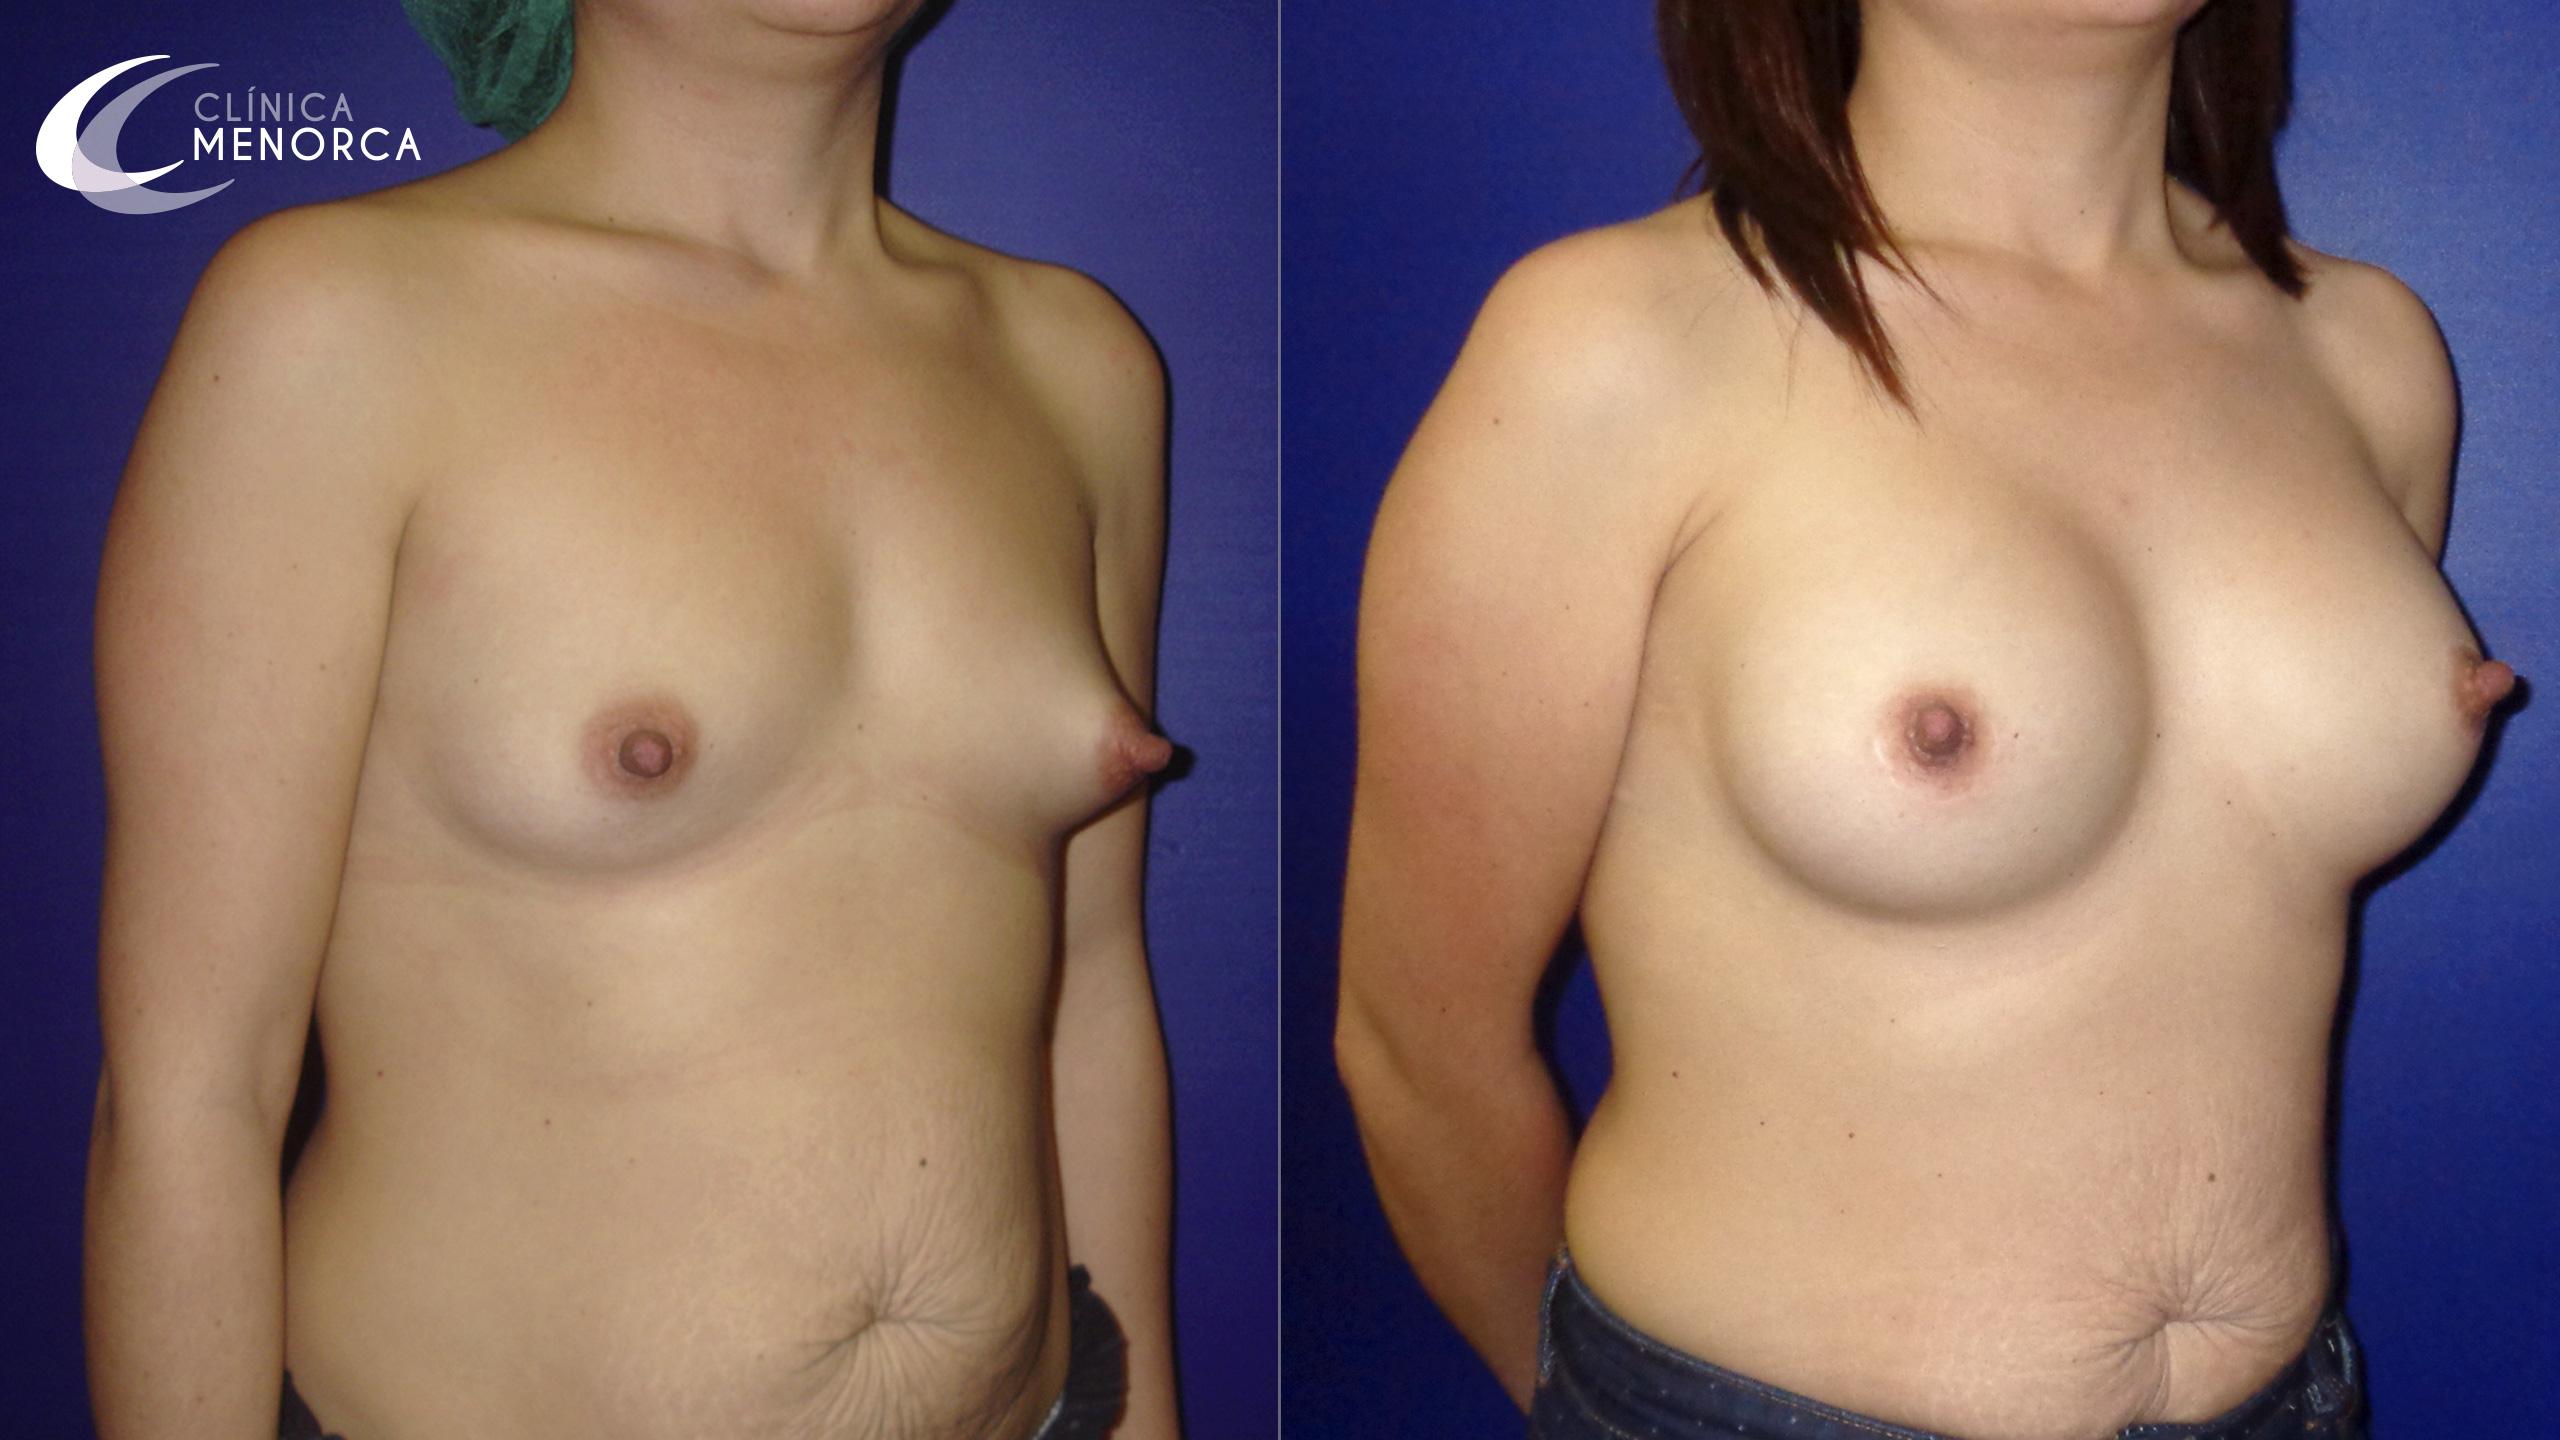 Fotos de antes y después de los implantes mamarios